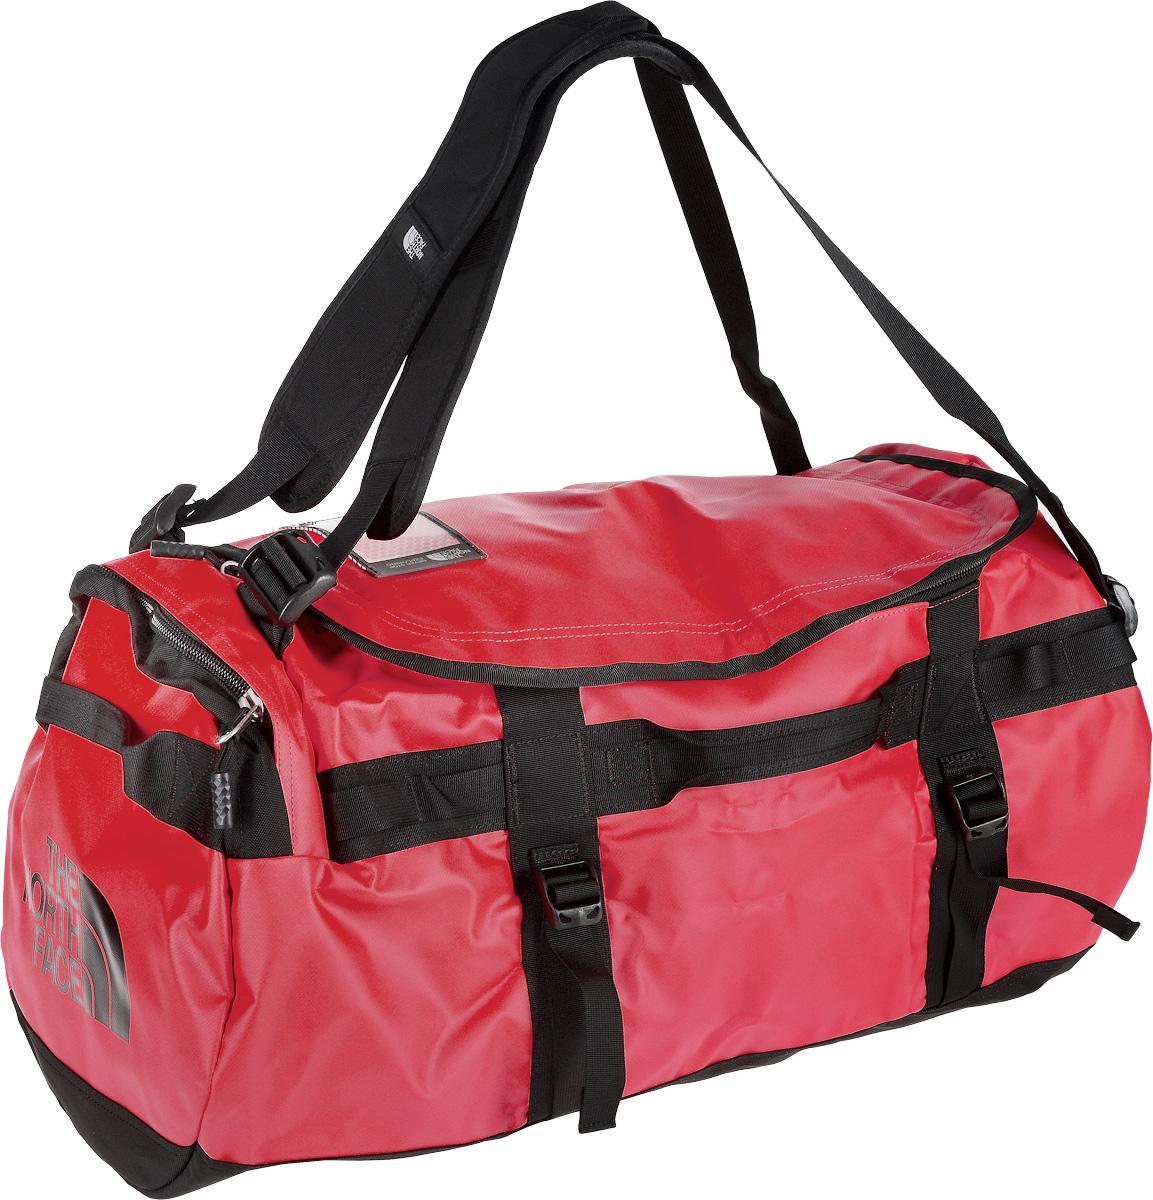 Сумка-рюкзак The North Face, цвет: красный, черный, 71 л. CWW2_KZ3T0CWW2KZ3Удобная экспедиционная сумка-рюкзак The North Face, вместительная модель, которая подойдет на любой жизненный случай. Изготовлена модель из сочетания водонепроницаемого баллистического нейлона и полиэстера с TPE ламинированием. Корпус изделия укреплен поперечными лентами с двойной отстрочкой и по бокам четырьмя лентами для утяжки. Модель имеет улучшенные эргономичные плечевые лямки, новые укрепленные боковые ручки, которые позволяют с удобством переносить или тащить тяжелые грузы. Основное отделение сумки застегивается на U-образную молнию с защитой от влаги. Также изделие оснащено дополнительным боковым карманом на молнии с внутренним сетчатым кармашком. Верхняя крышка сумки дополнена небольшим отделением для бейджа с персональными данными, а с внутренней стороны имеет карман на молнии из сетчатой ткани. Оформлена модель износостойким принтом с логотипом бренда.